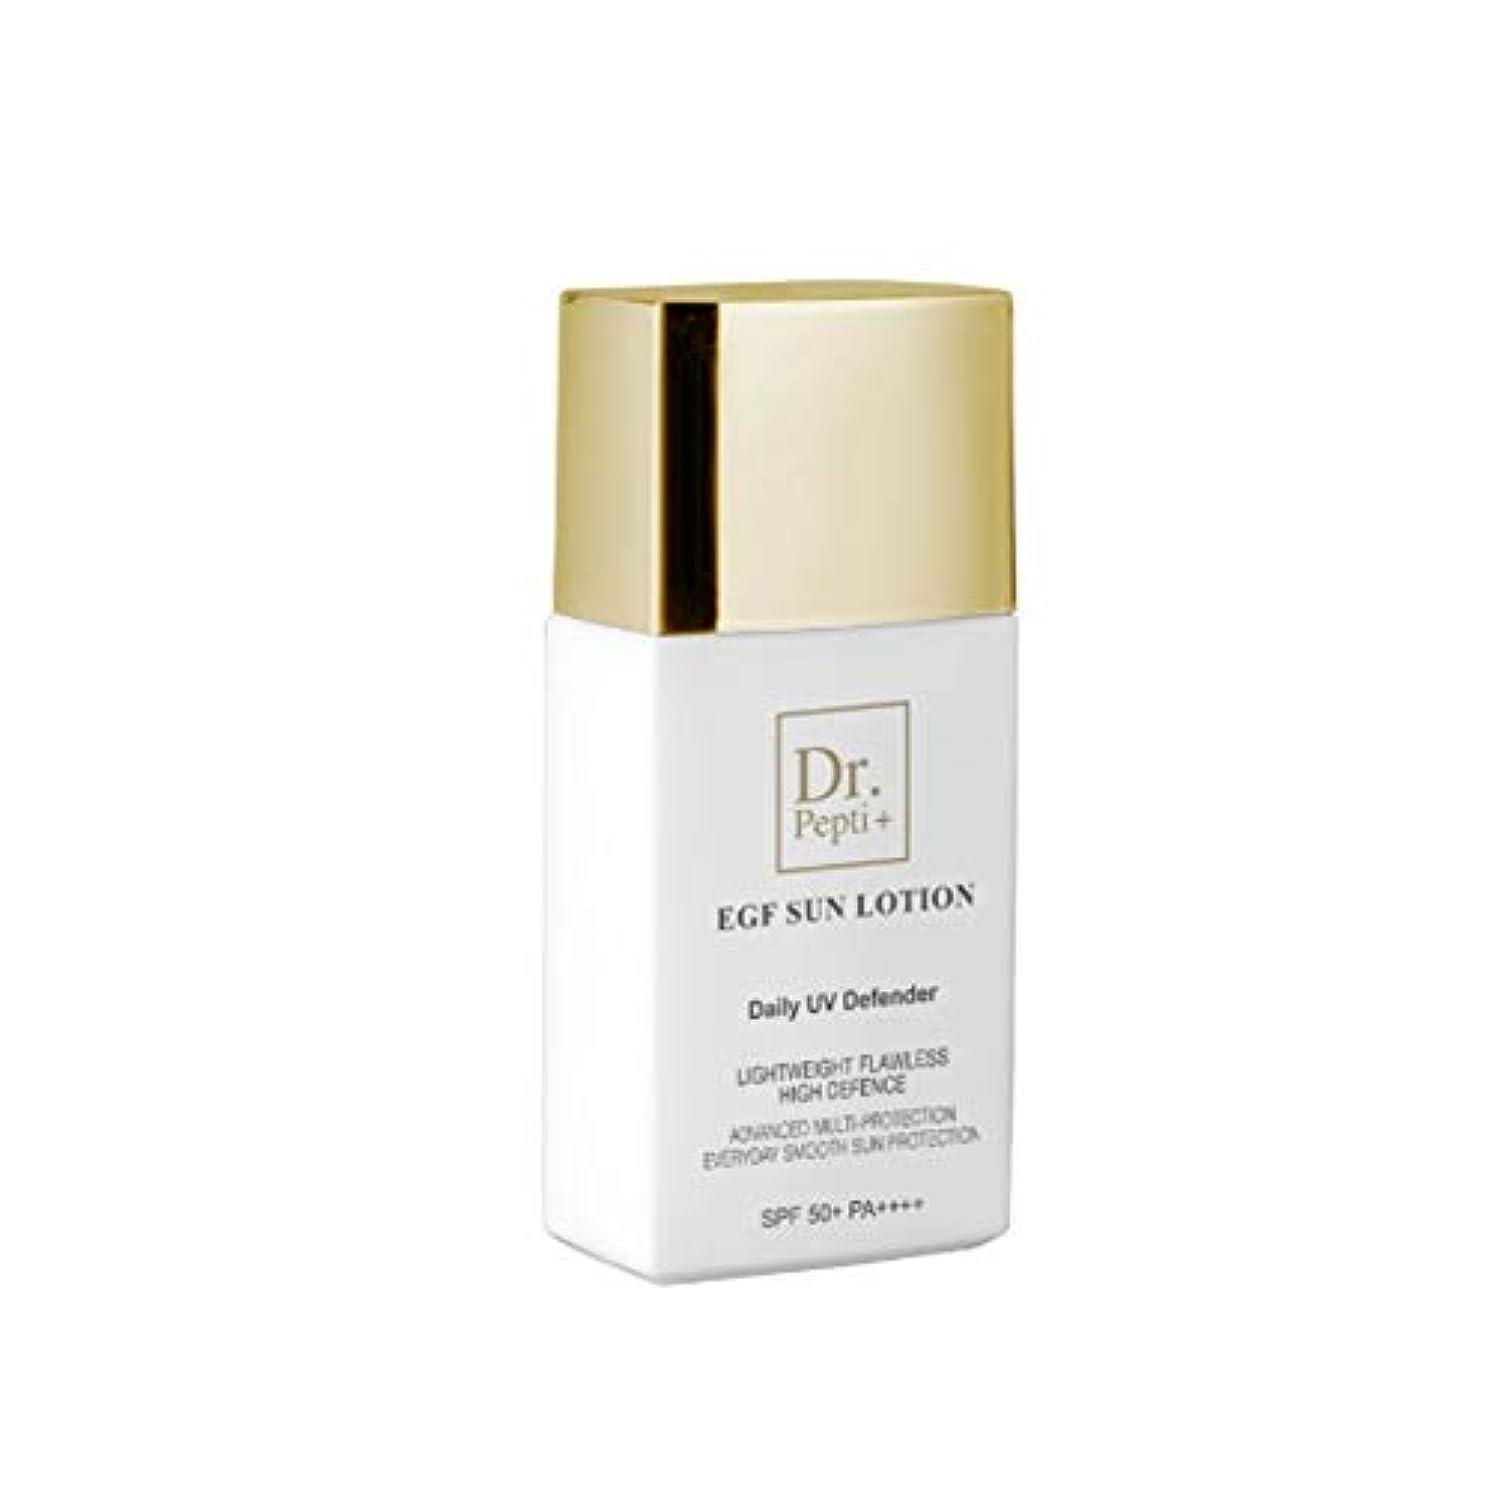 協力的好意ニックネームジェイアンドコーシュドクターペプチEGFサンローション50mlサンクリーム韓国コスメ、J&Coceu Dr.Pepti+ EGF Sun Lotion 50ml Sun Cream Korean Cosmetics [並行輸入品]